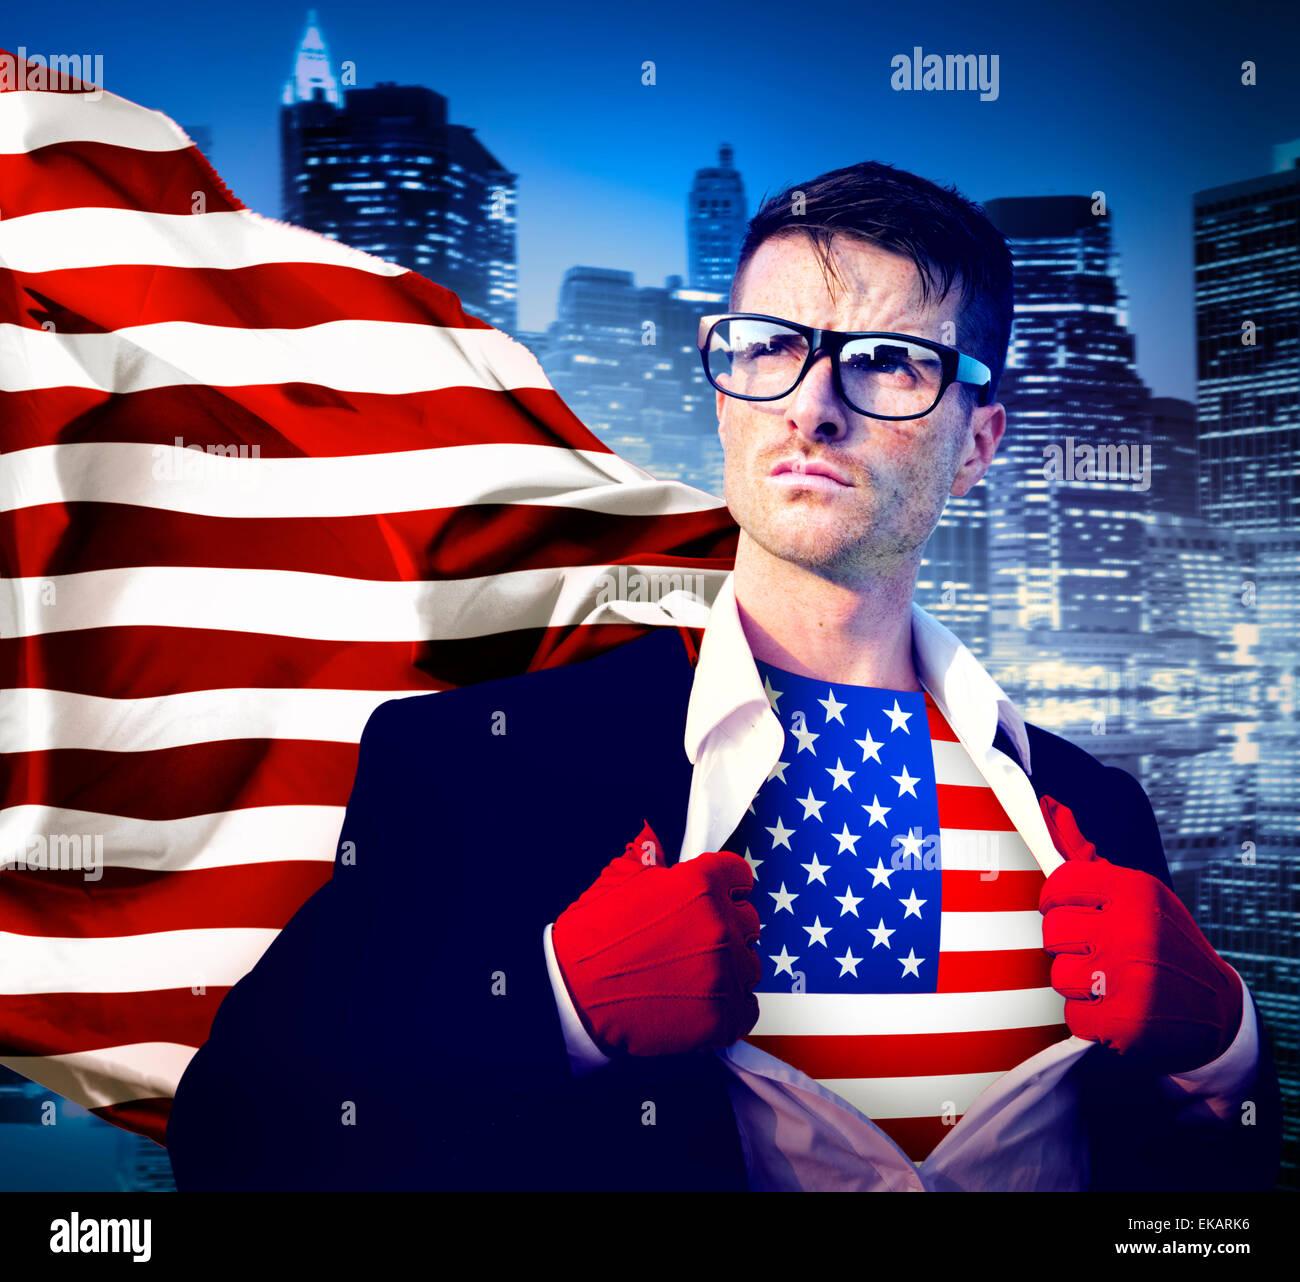 Superhéroe empresario el patriotismo de la bandera americana Bandera Nacional Concepto Imagen De Stock